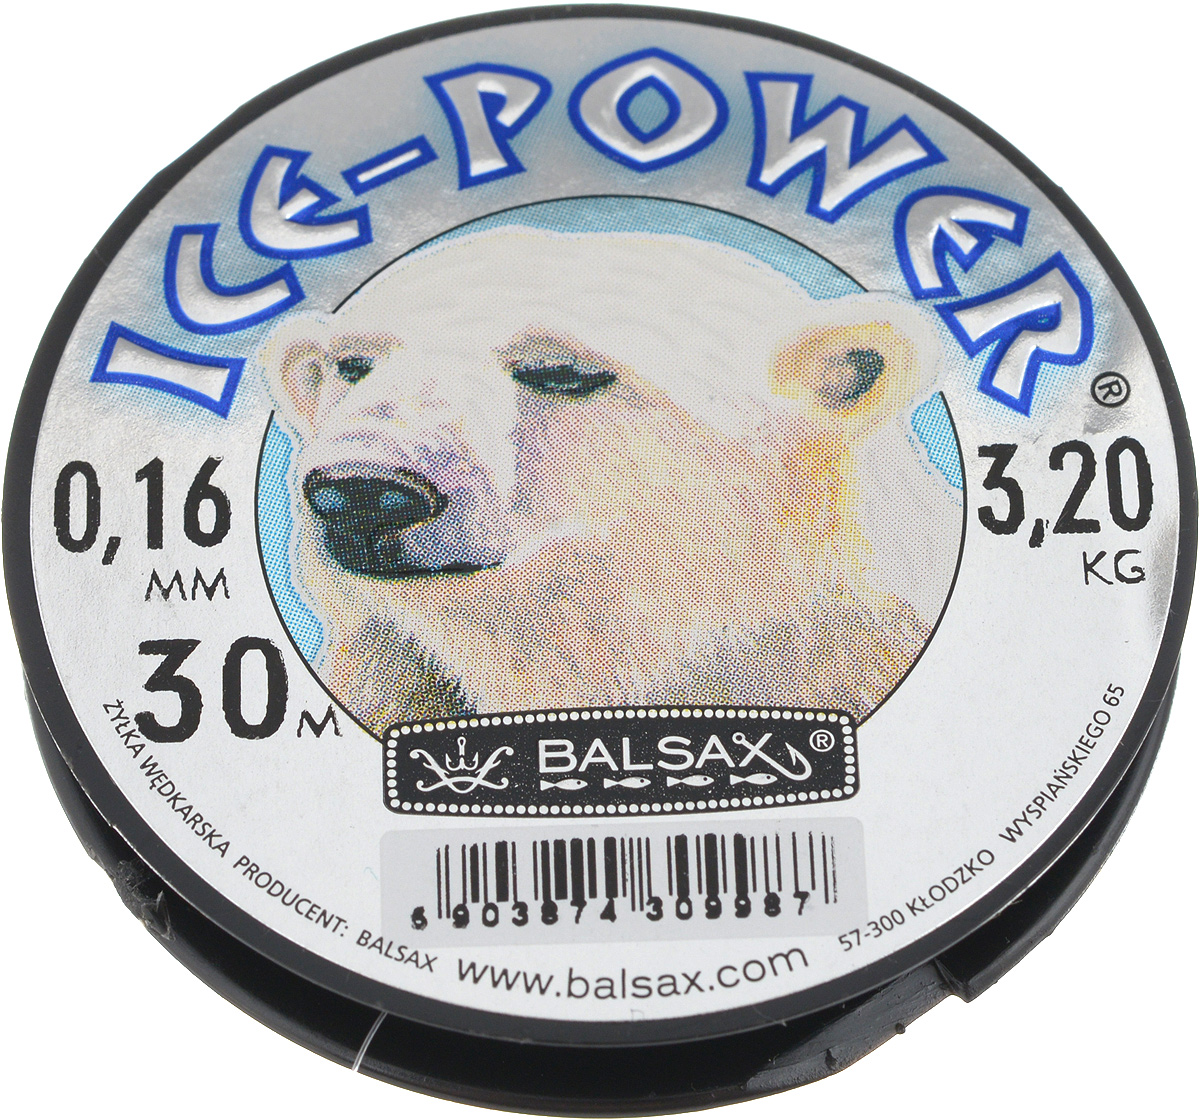 Леска зимняя Balsax Ice Power, 30 м, 0,16 мм, 3,2 кг314-09012Леска Balsax Ice Power изготовлена из 100% нейлона и очень хорошо выдерживает низкие температуры. Даже в самом холодном климате, при температуре вплоть до -40°C, она сохраняет свои свойства практически без изменений, в то время как традиционные лески становятся менее эластичными и теряют прочность.Поверхность лески обработана таким образом, что она не обмерзает и отлично подходит для подледного лова. Прочна в местах вязки узлов даже при минимальном диаметре.